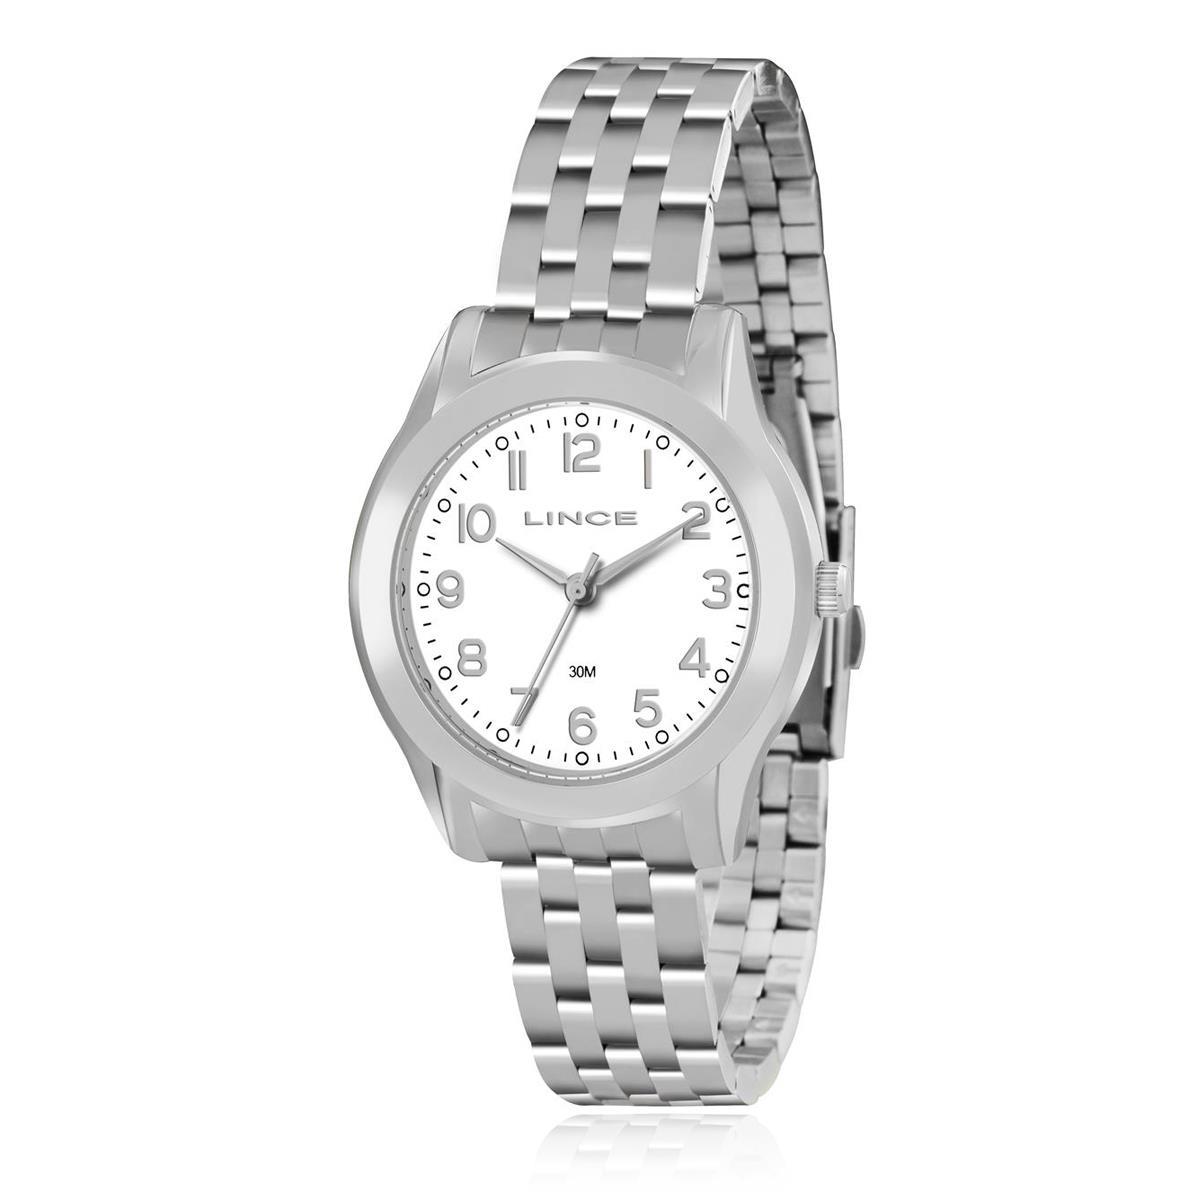 Relógio Feminino Lince Analógico LRM4313L B2SX Aço 8c6fed840e